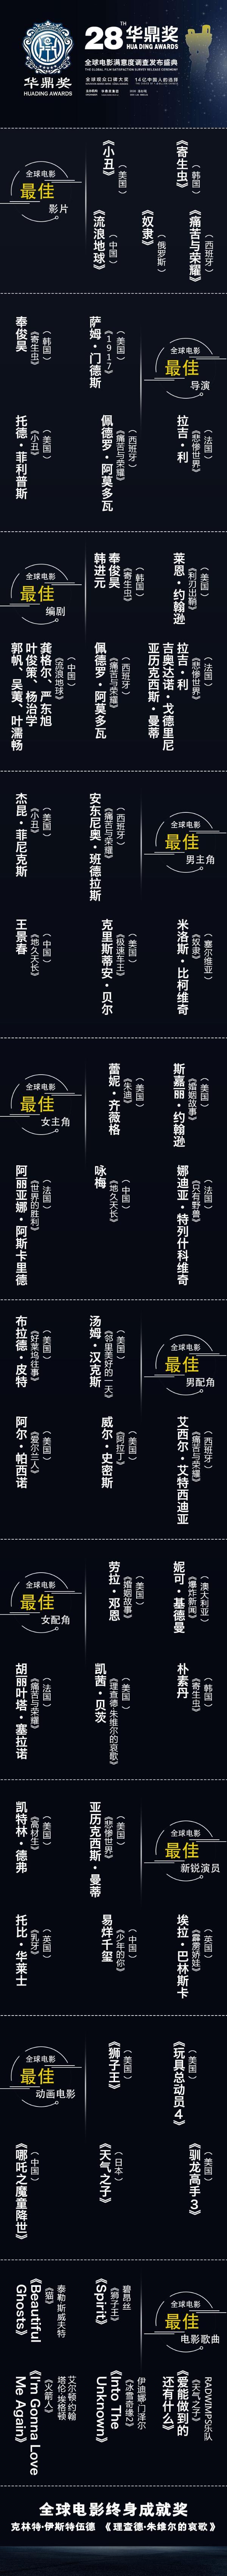 第28届华鼎奖提名揭晓,《复联4》获全球电影满意度第一,五国影片角逐最佳